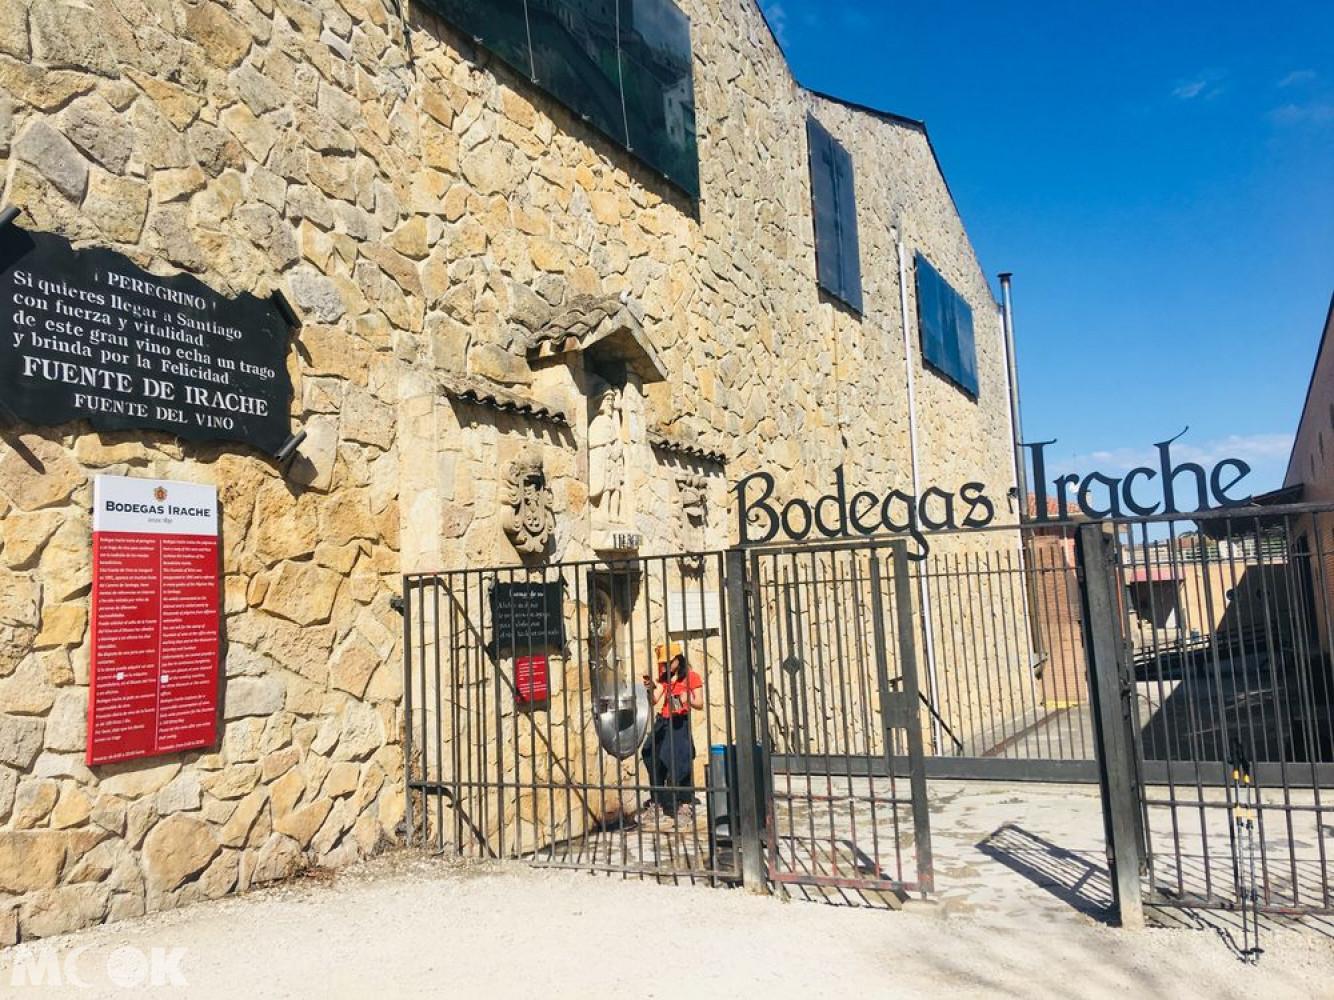 當地的Bodegas Irache 酒廠免費提供紅酒給路過的朝聖者飲用